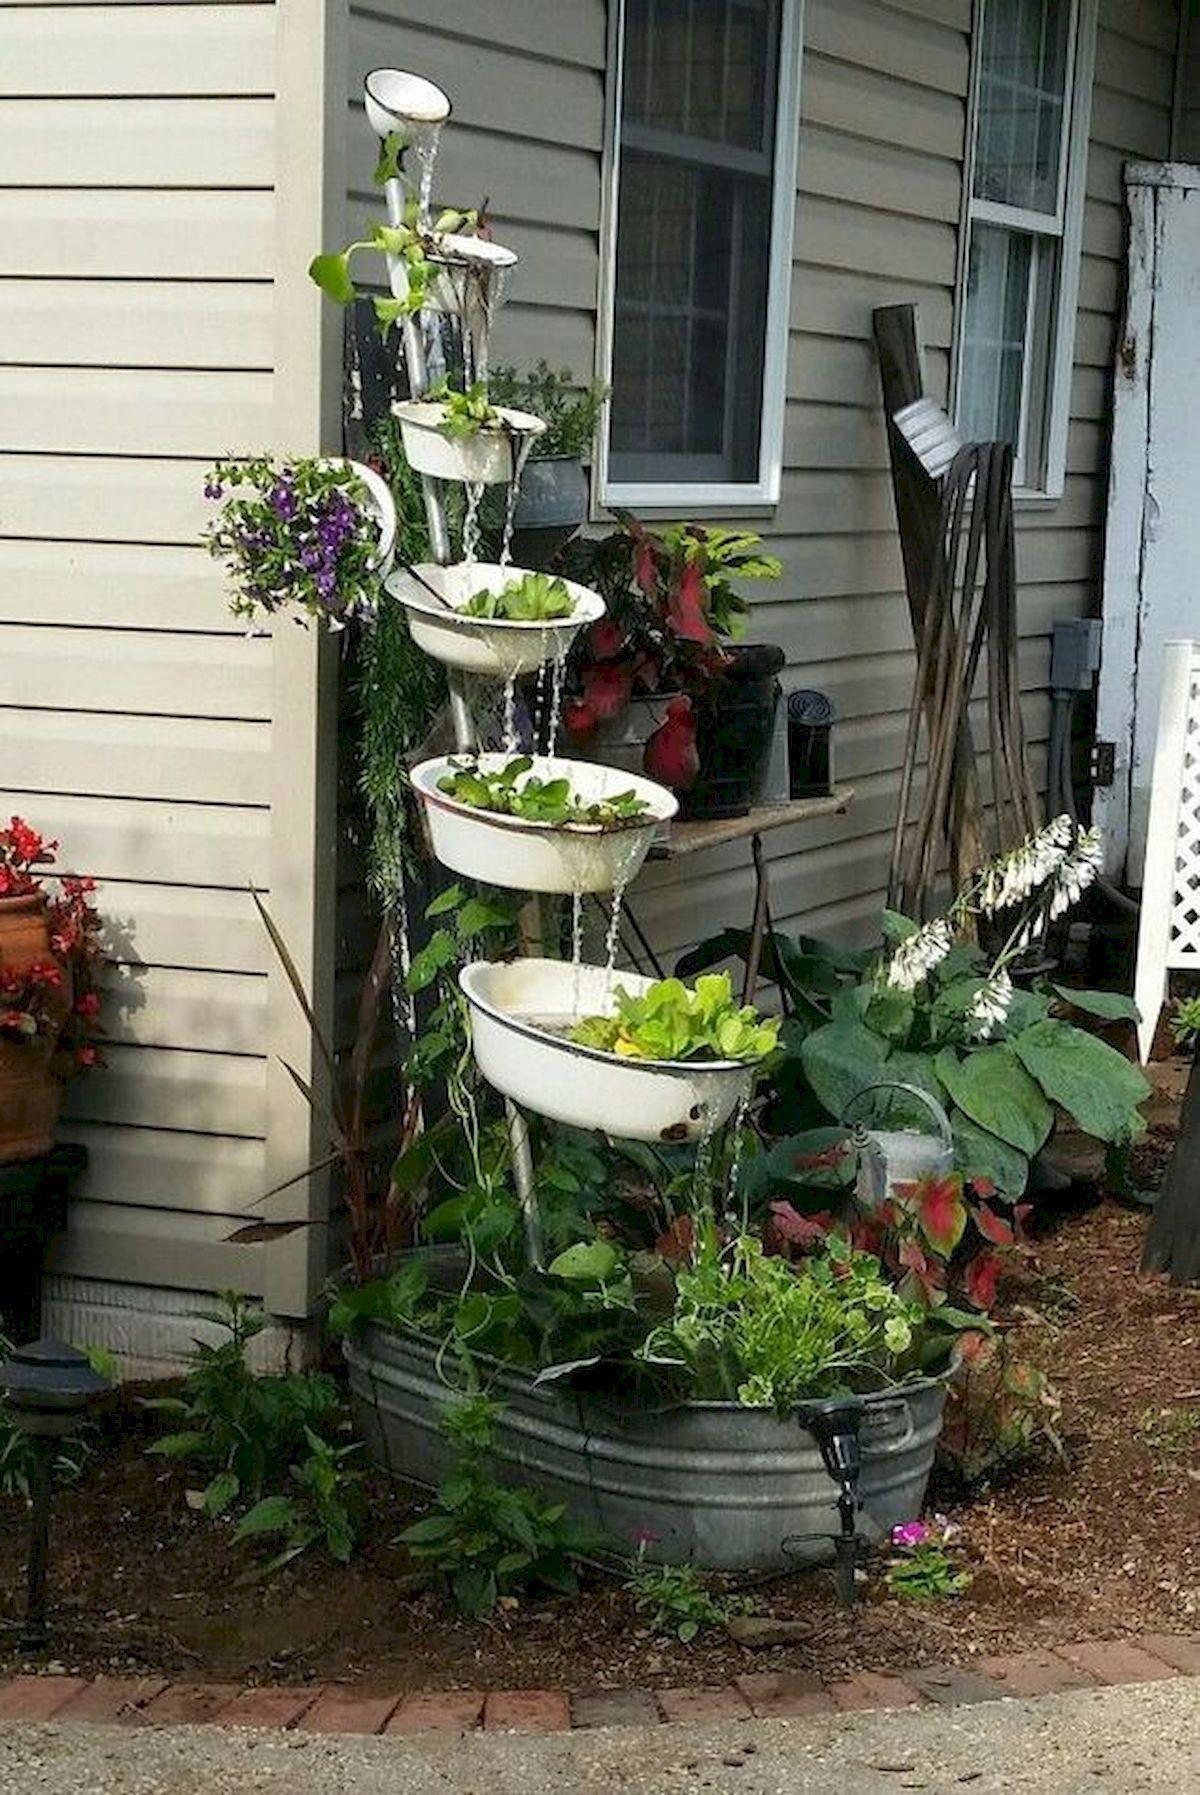 c5d9f820e5af7c7bbb3eb2bb40bd7eb2 - Where Can I Buy Gardening Supplies Near Me